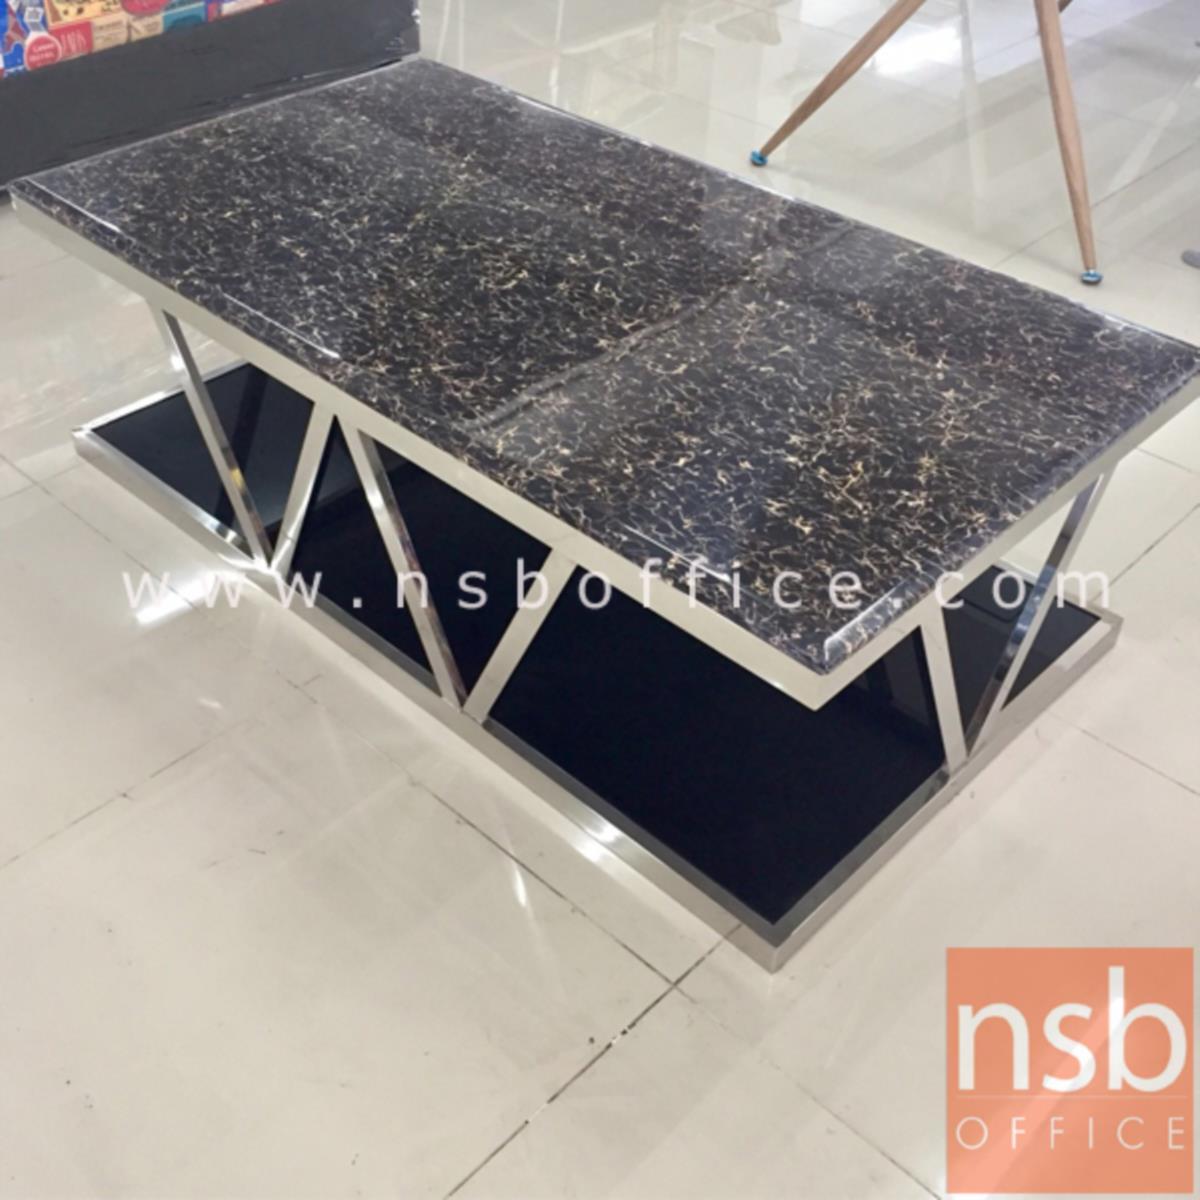 โต๊ะกลางหินอ่อน  รุ่น Fray (เฟรย์) ขนาด 130W cm. โครงสเตนเลส